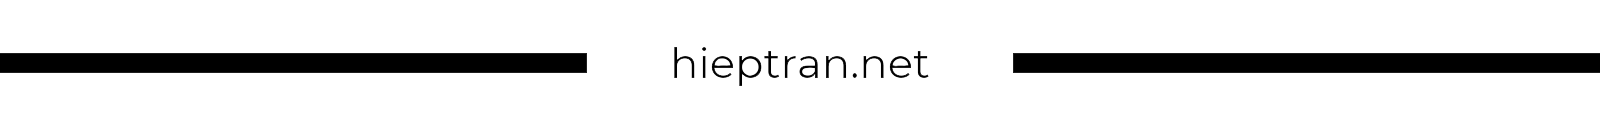 Hiệp Trần. hieptran.net - Kinh nghiệm du lịch tự túc - Kinh Nghiệm xin visa miễn chứng minh tài chính - Blogger du lịch bụi